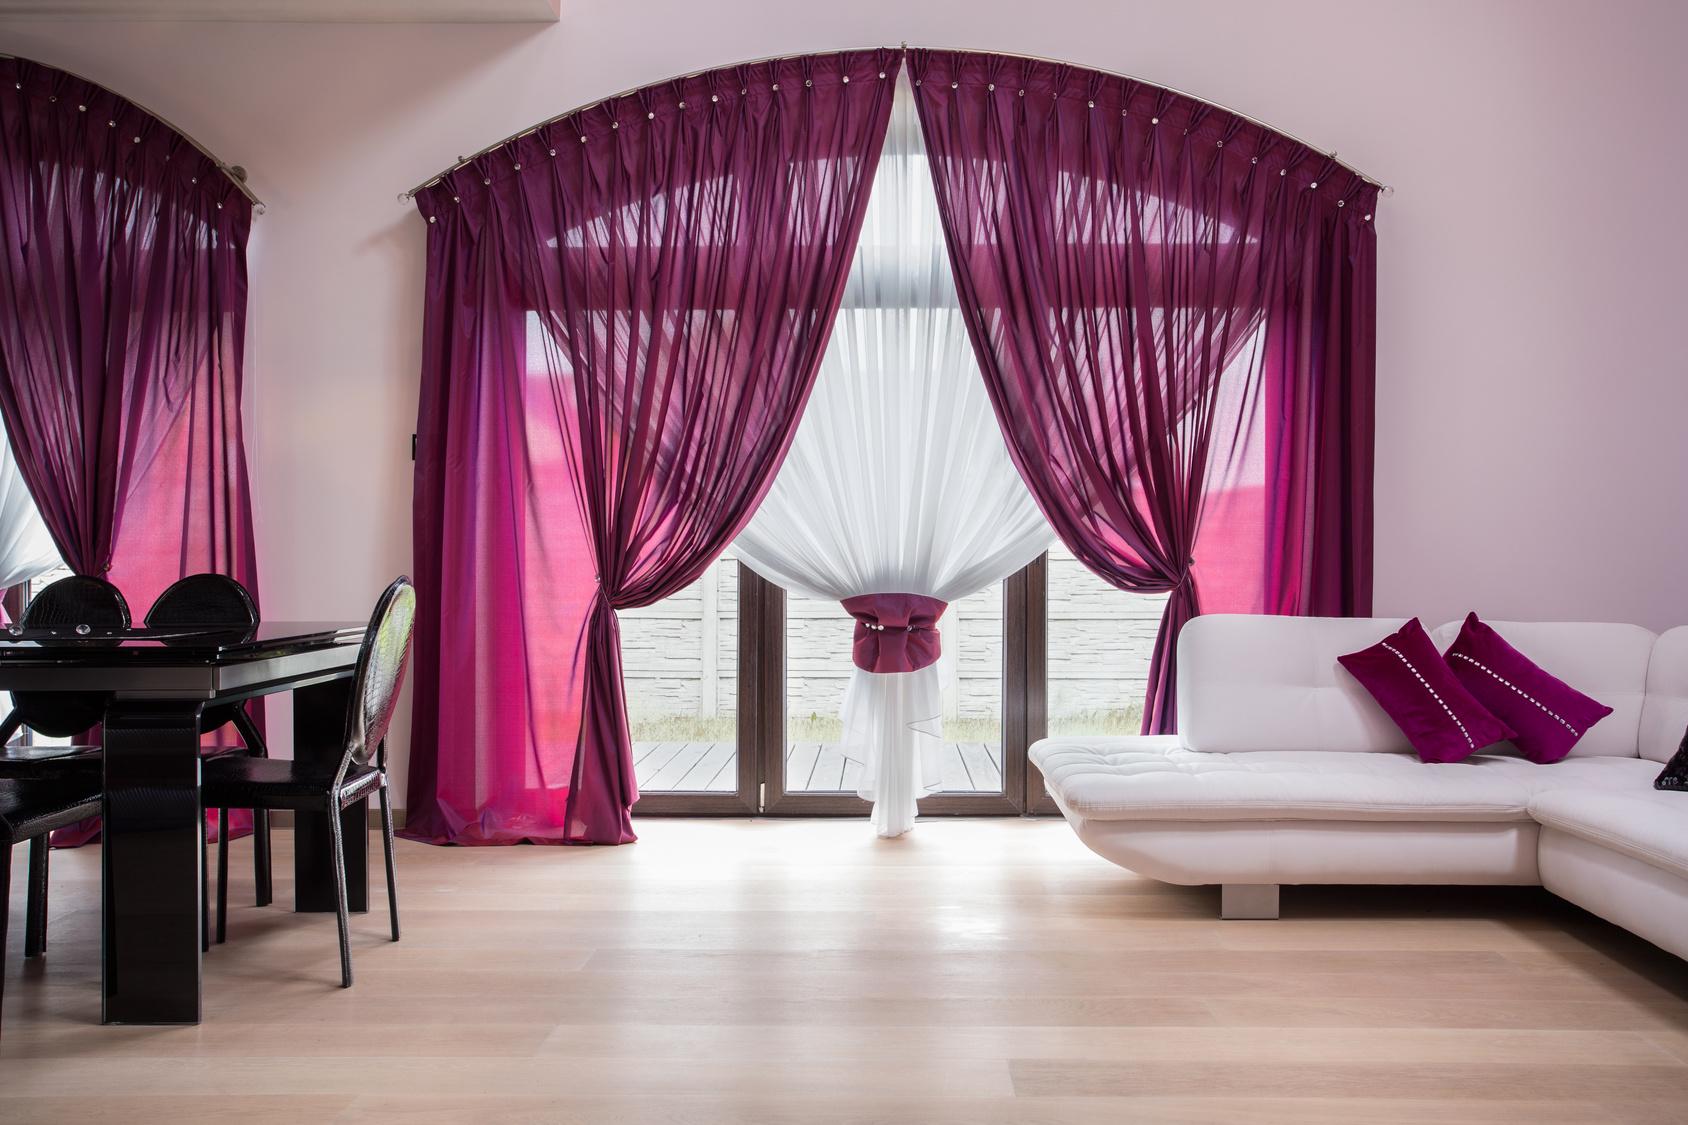 Full Size of Rose Curtains In Modern Interior Wohnzimmer Wohnzimmer Vorhänge